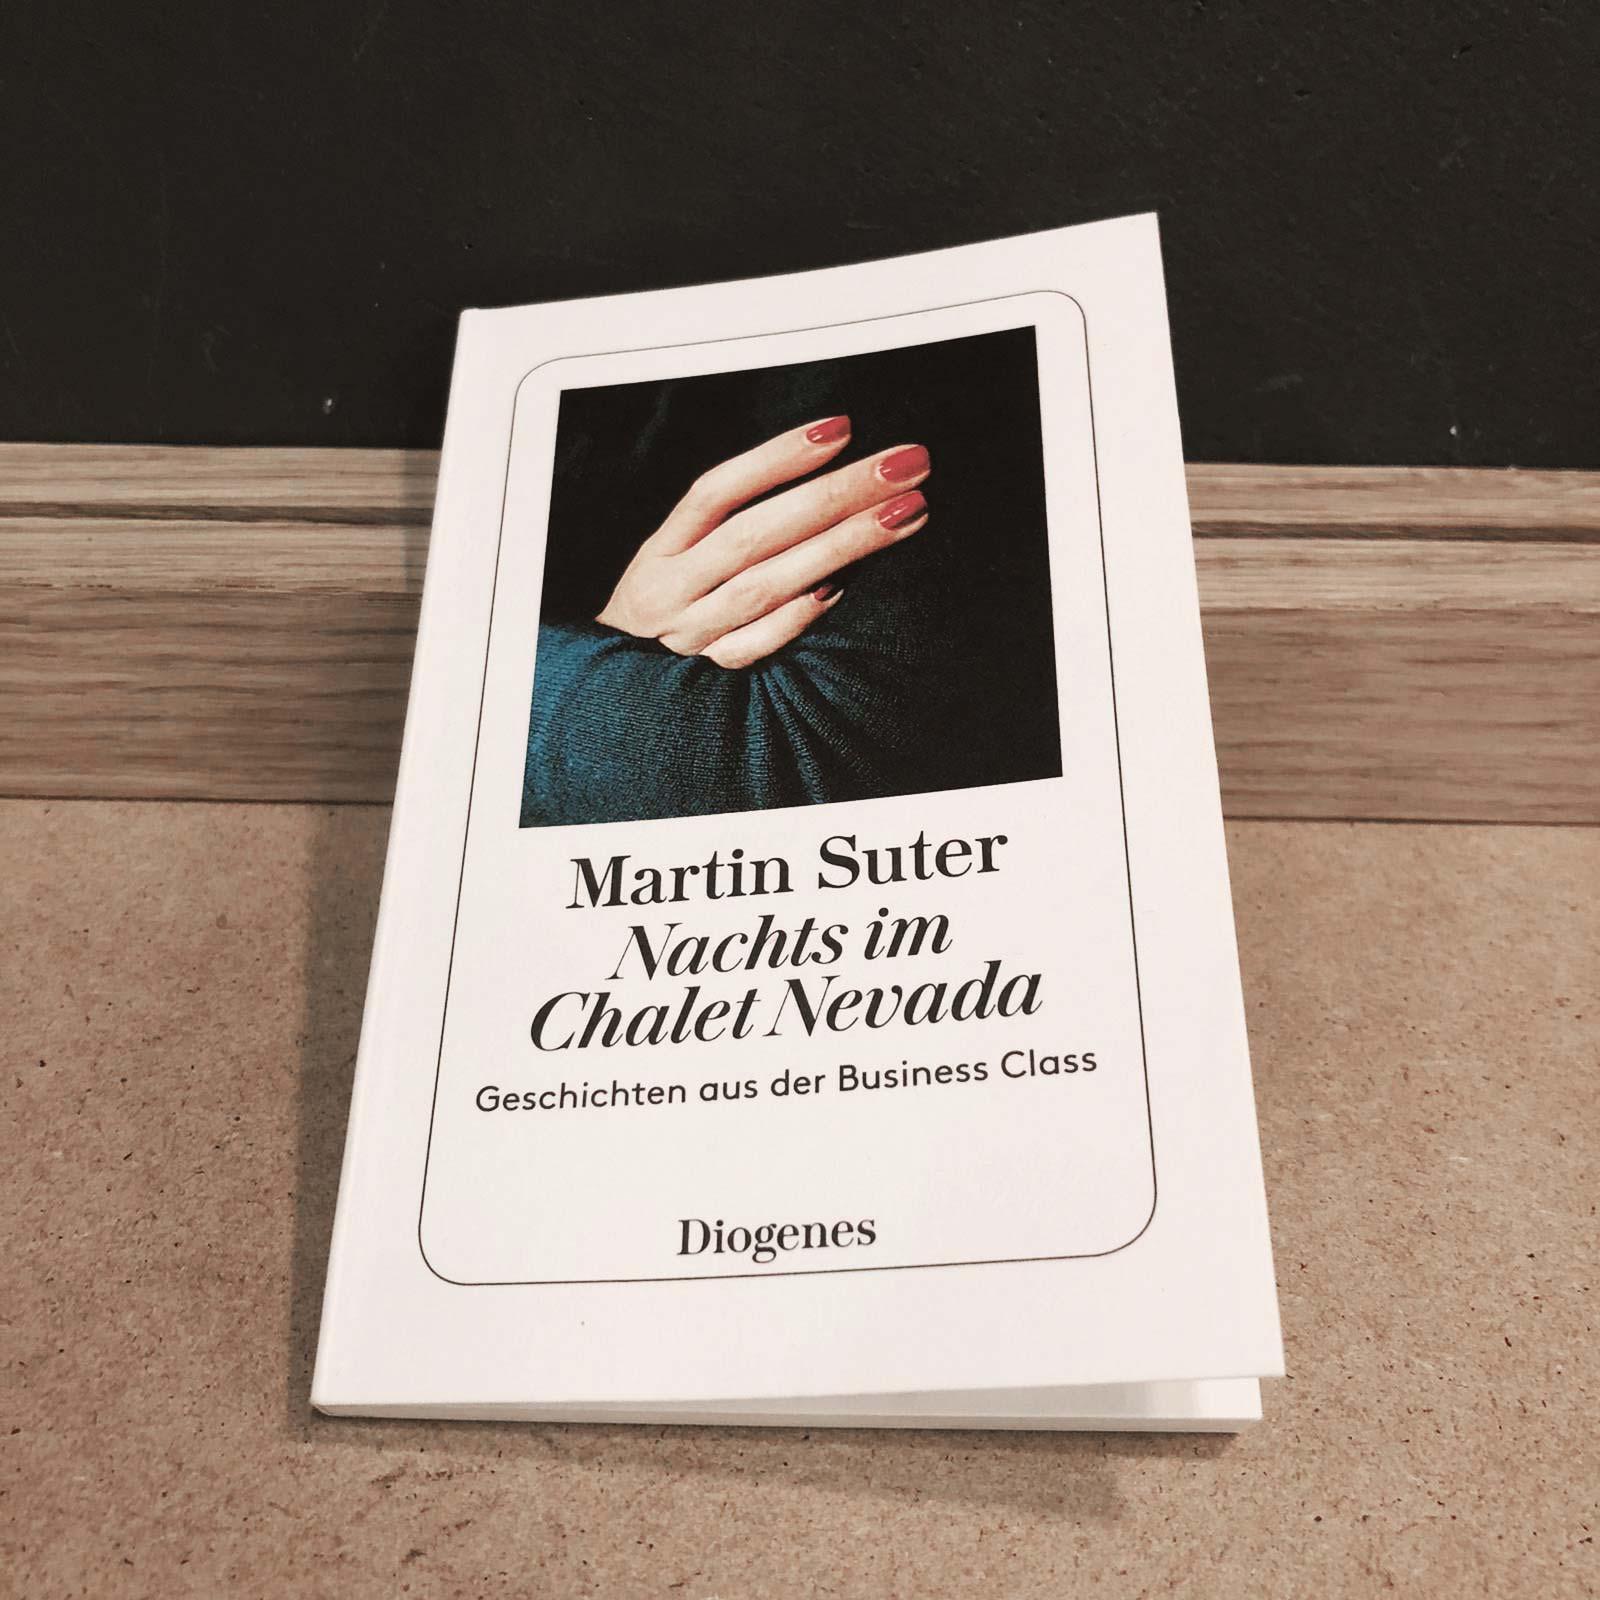 M. Suter X Nachts im Chalet Nevada